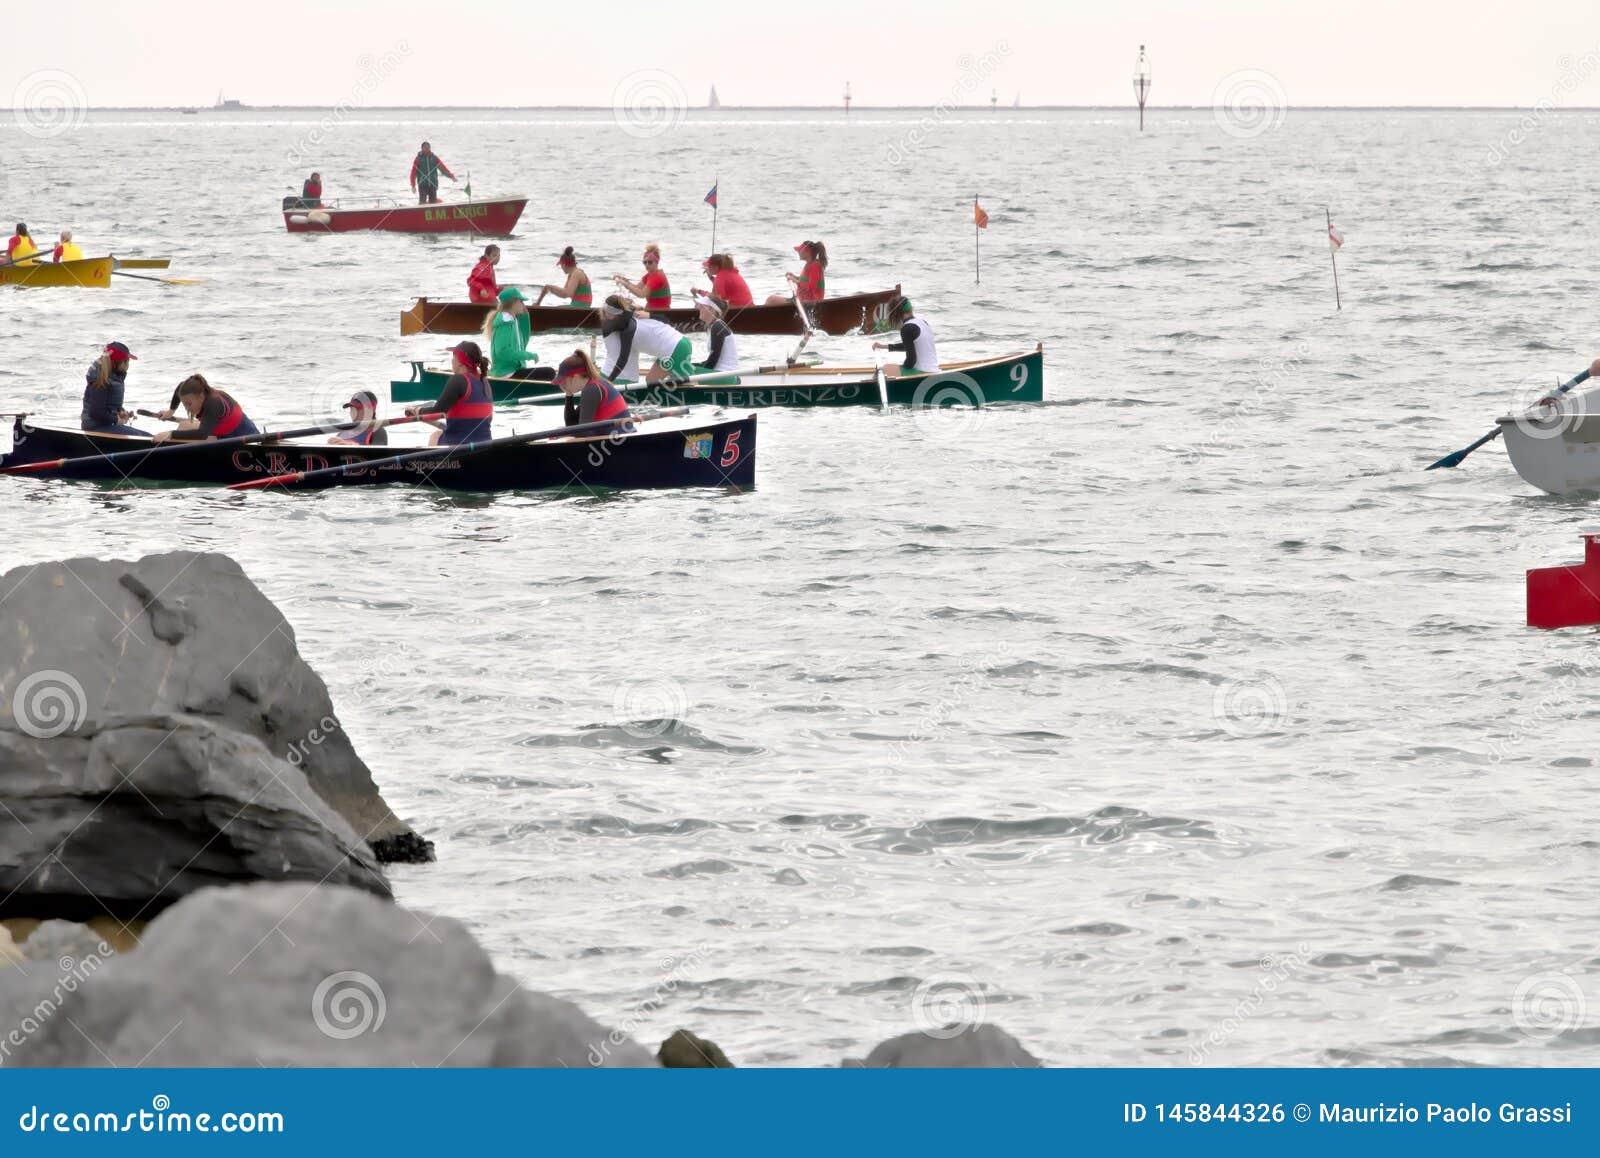 La Spezia, Ligurie, Italie 03/17/2019 Palio del Golfo ?quipage de femmes R?gate maritime traditionnelle